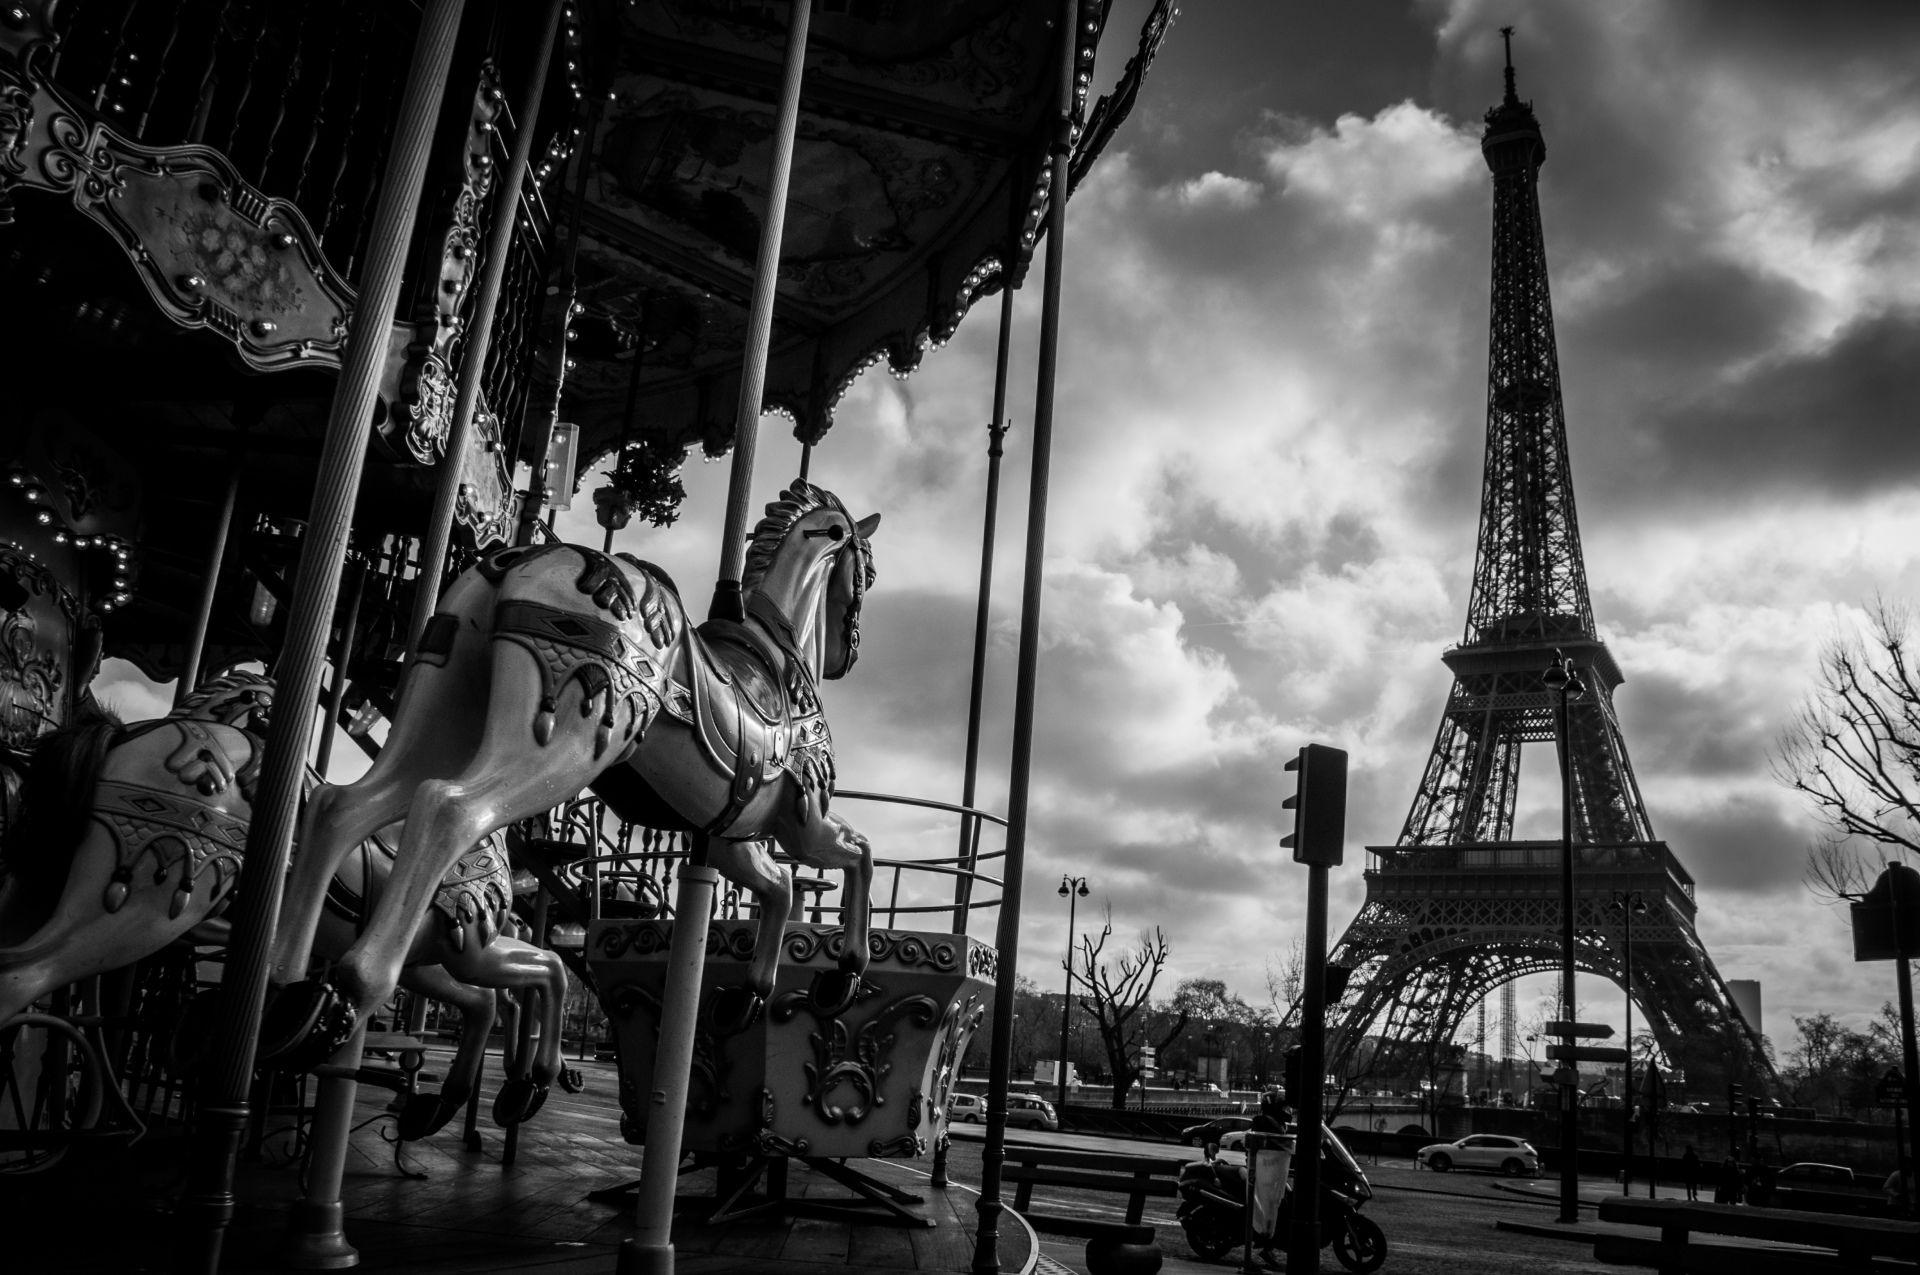 Construction Humaine Tour Eiffel Paris France Skyline Carousel Ville Metropolis Europe Night Tower Lumiere Noir Blanc Fond D Ec Fond Ecran Paris Tour Eiffel